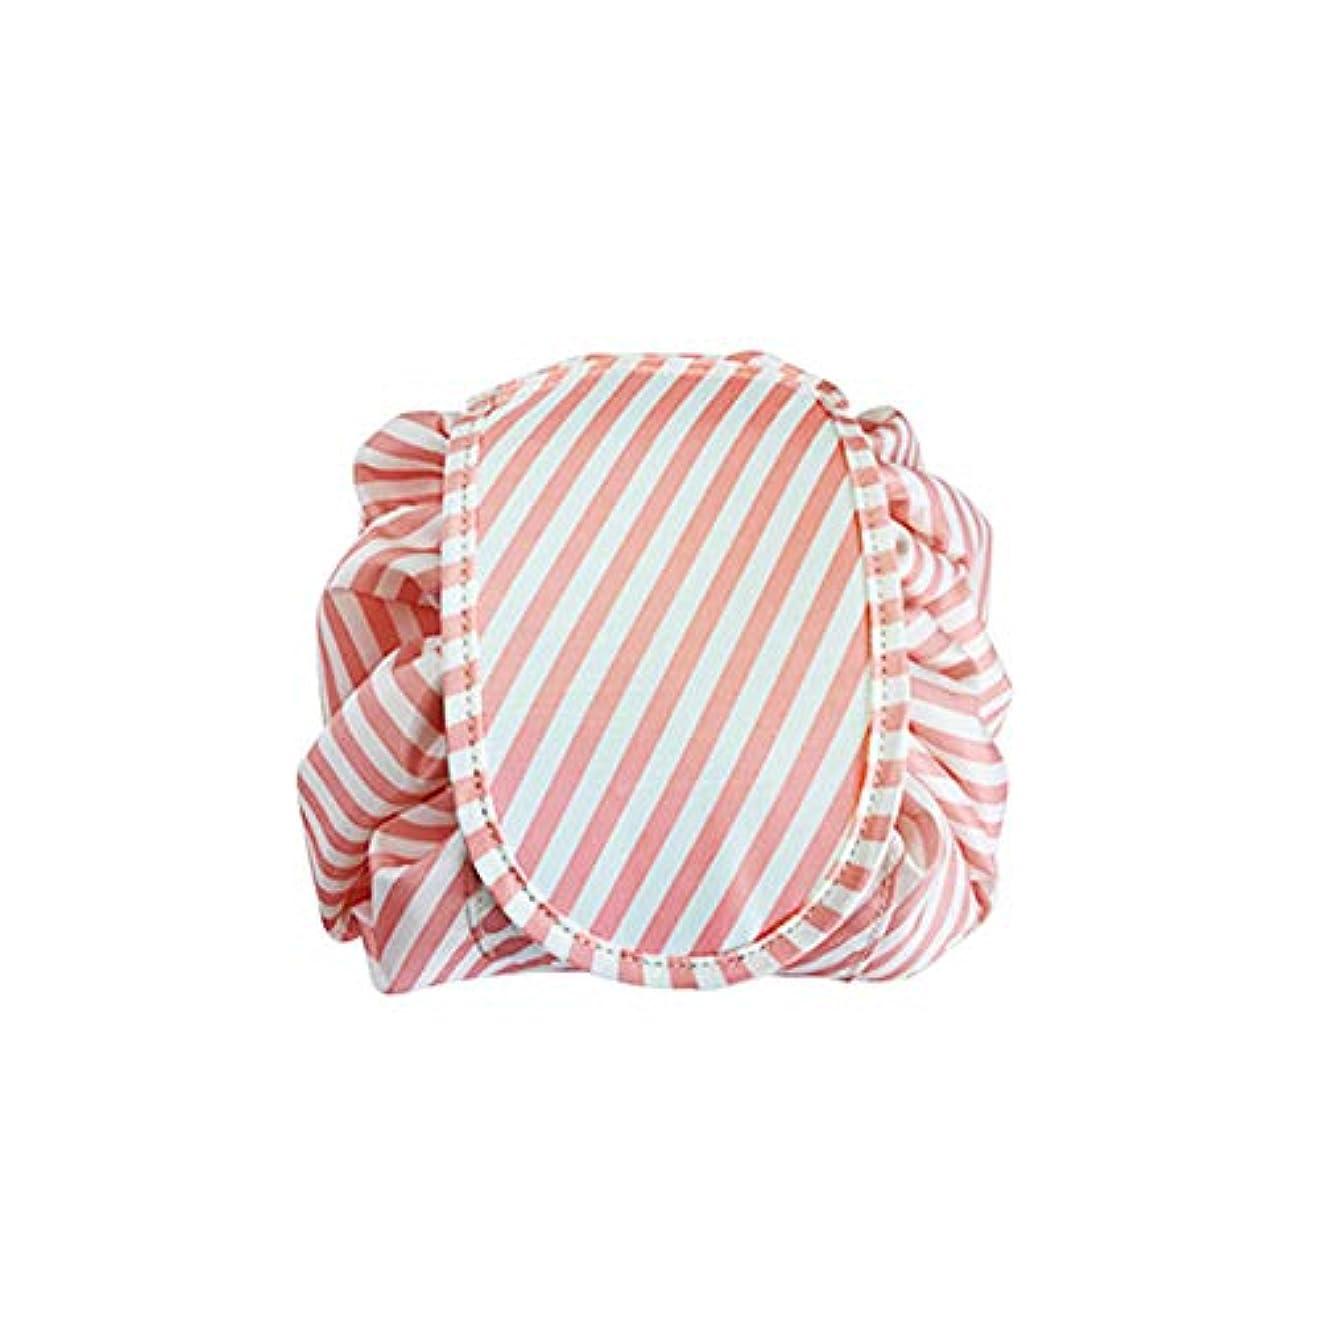 実験をする一般的なもXiton ポータブル化粧巾着袋大容量防水旅行化粧品袋のパッキングストリップ完全にラウンド1(ピンク)保存され、迅速かつ簡単に旅行トイレタリーキット